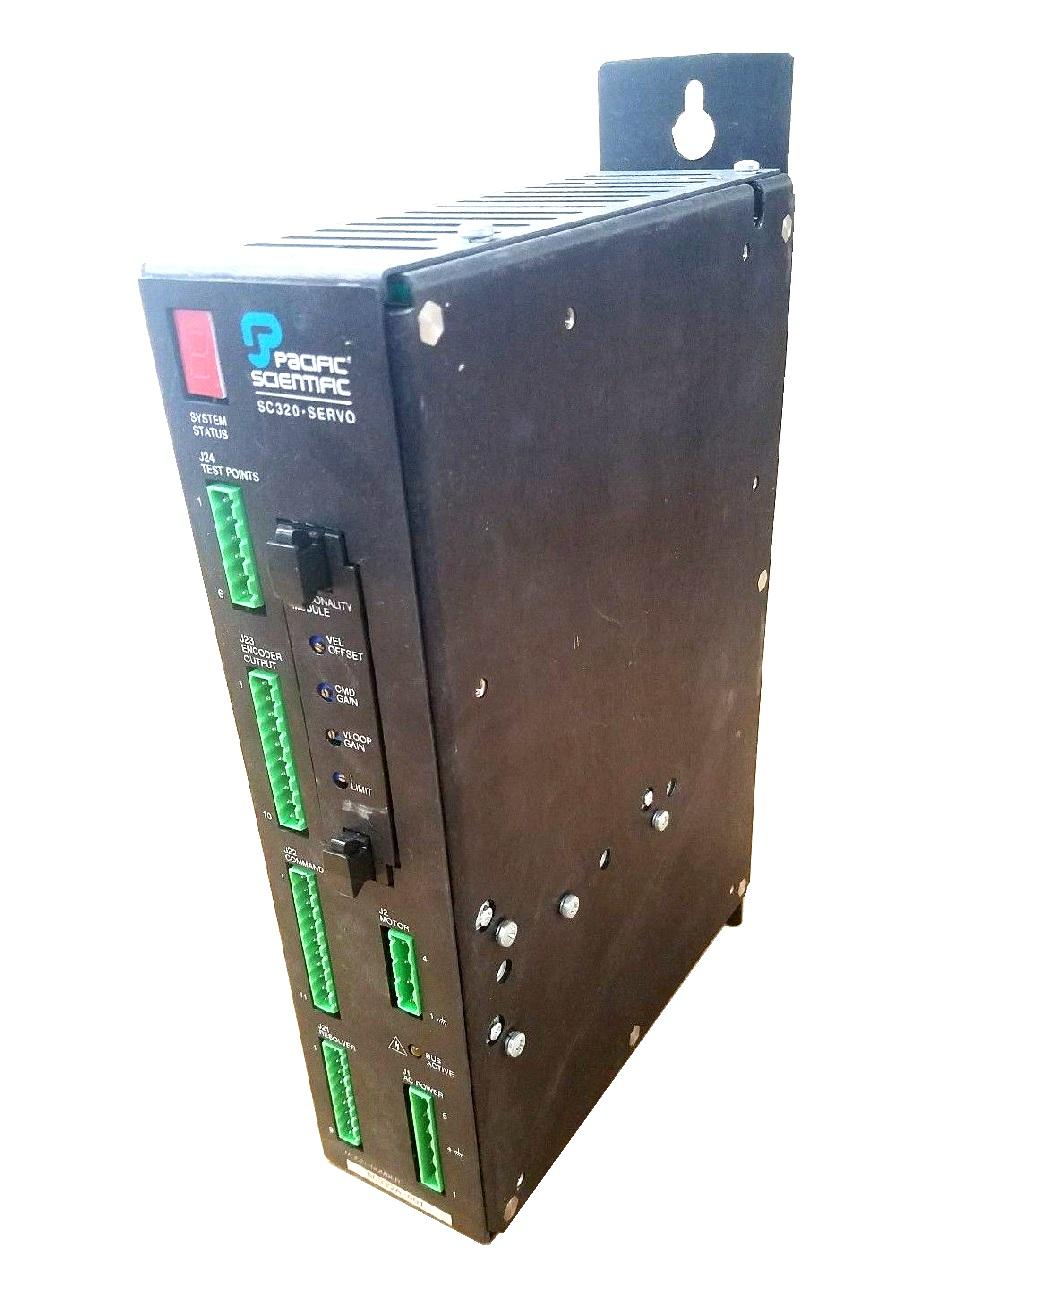 SC323A-001